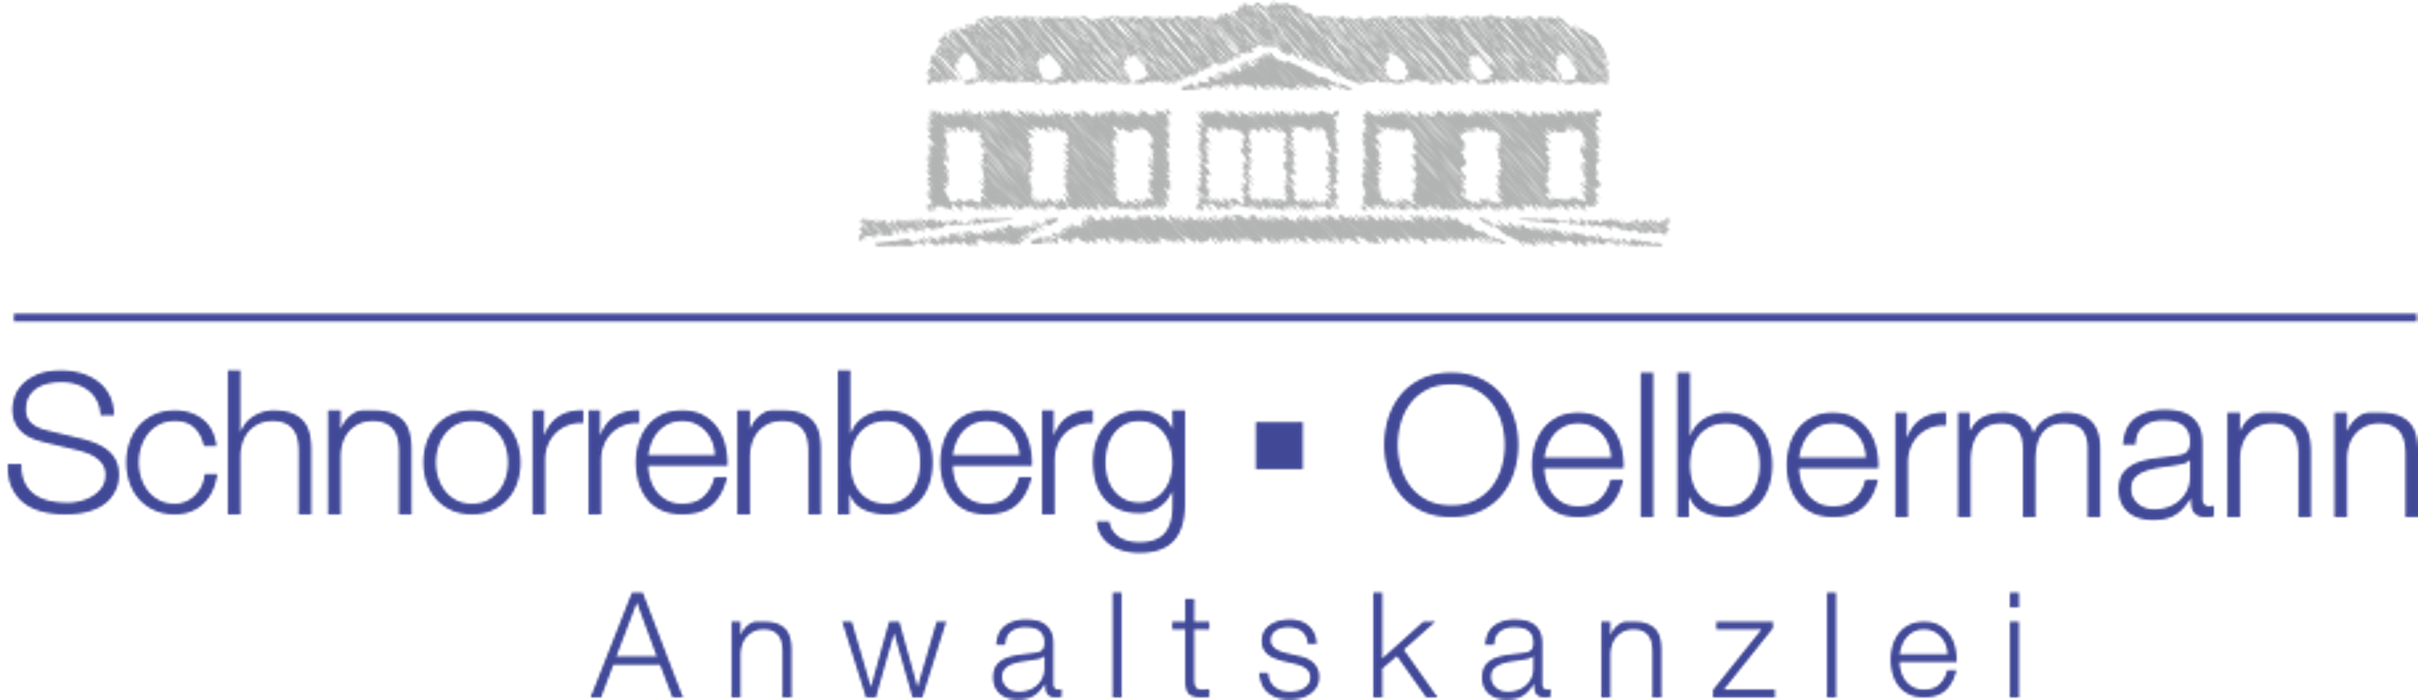 Bild zu Schnorrenberg Oelbermann Anwaltskanzlei in Bergisch Gladbach